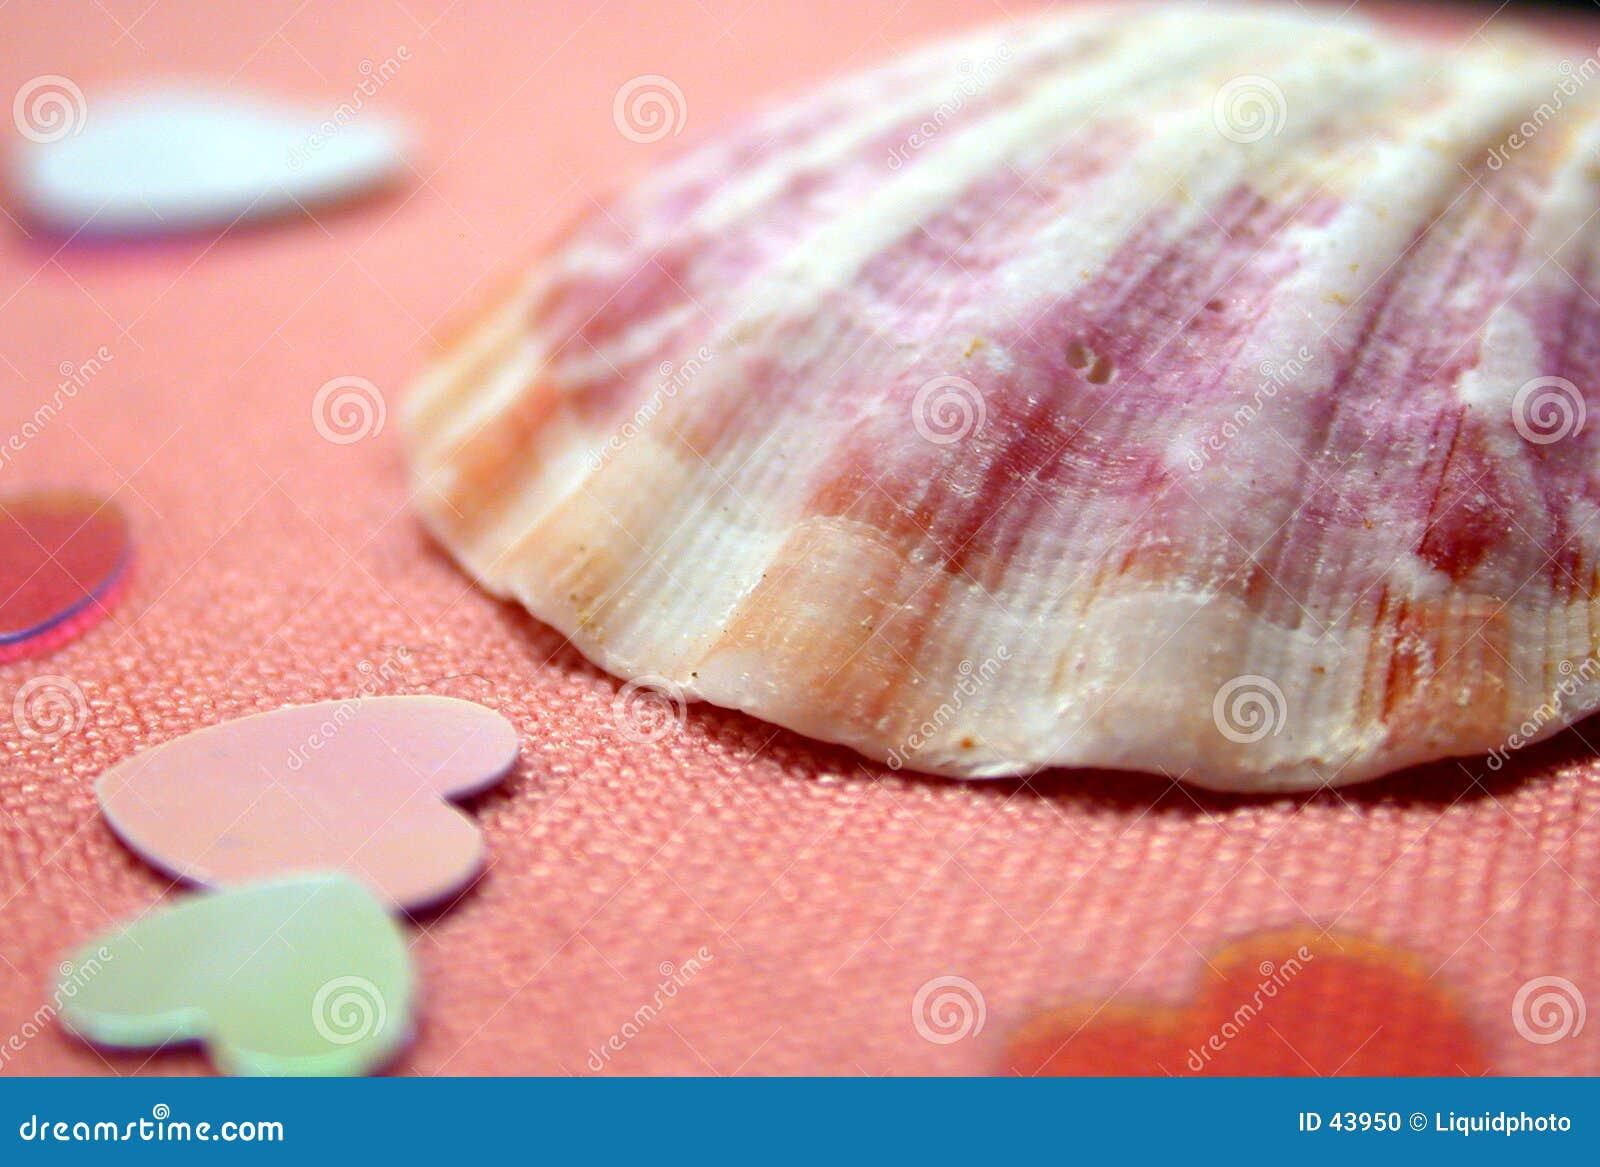 Download Zeeschelp en Harten stock foto. Afbeelding bestaande uit document - 43950